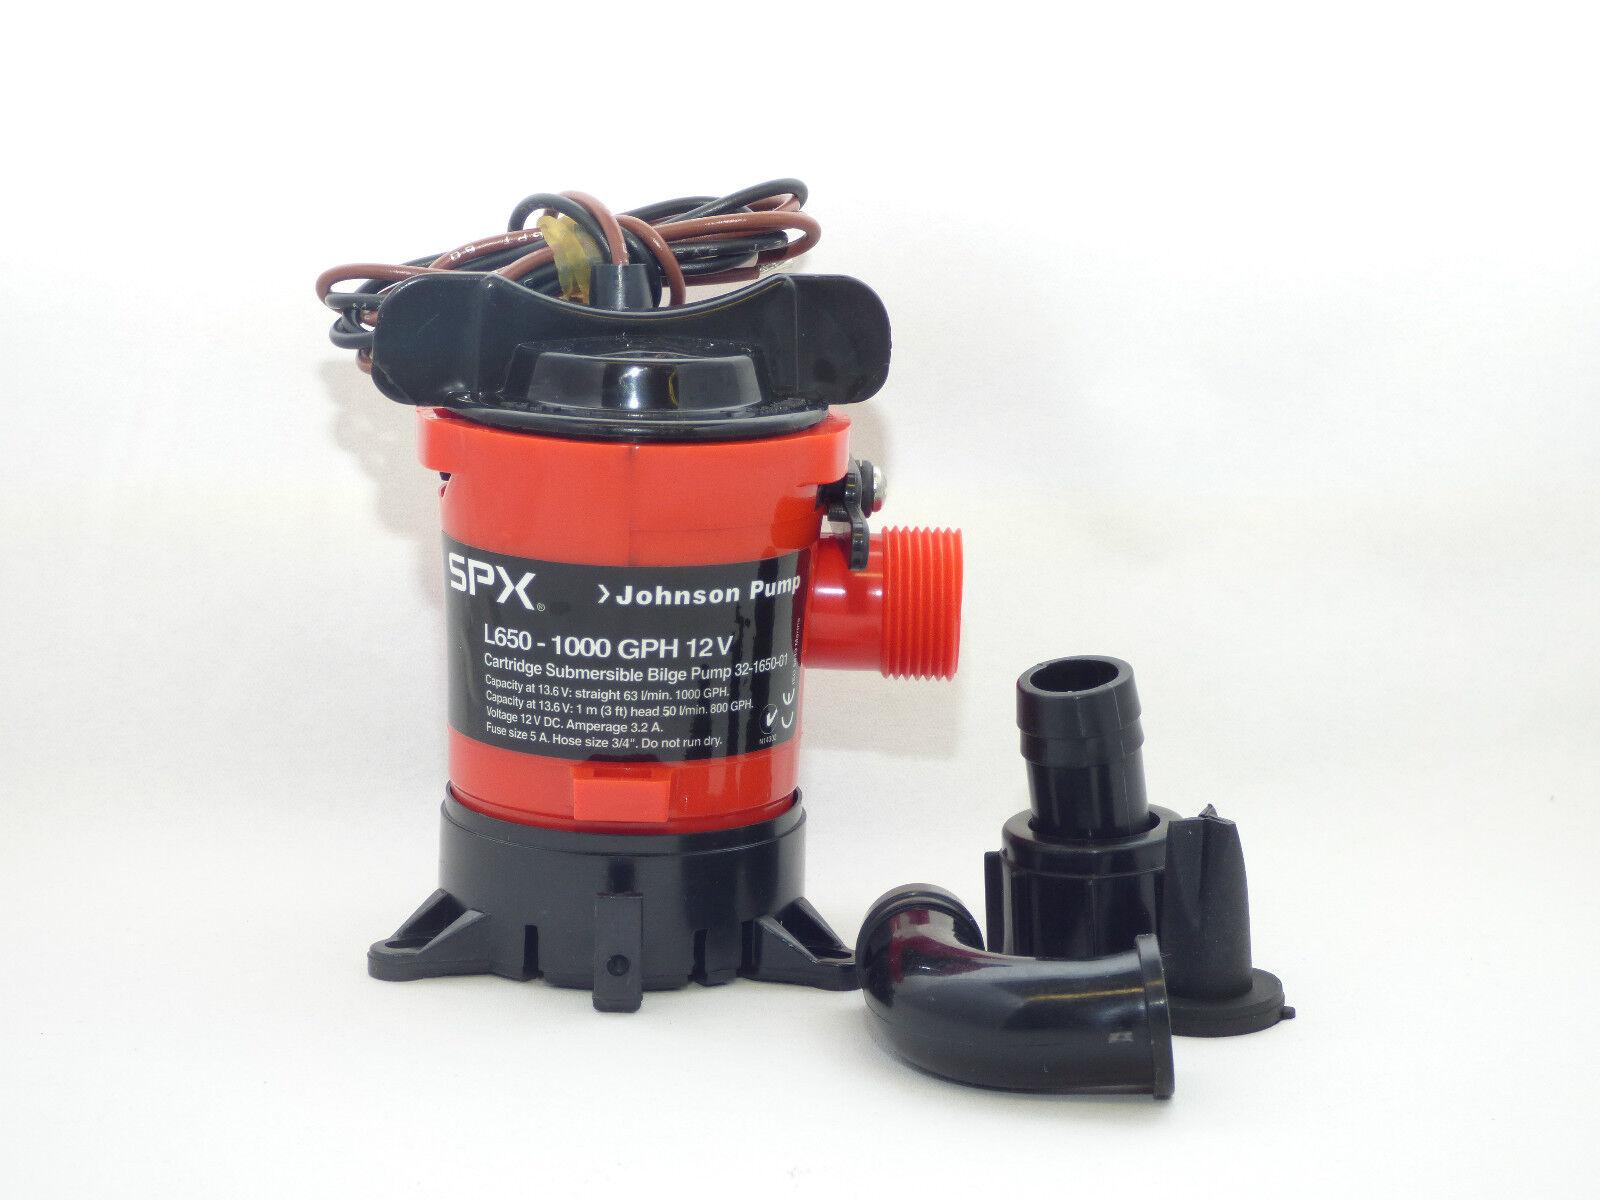 Bilgenpumpe JOHNSON PUMP L450 Wasserpumpe - L 750  Lenzpumpe Wasserpumpe L450 Tauchpumpe 44b9ce